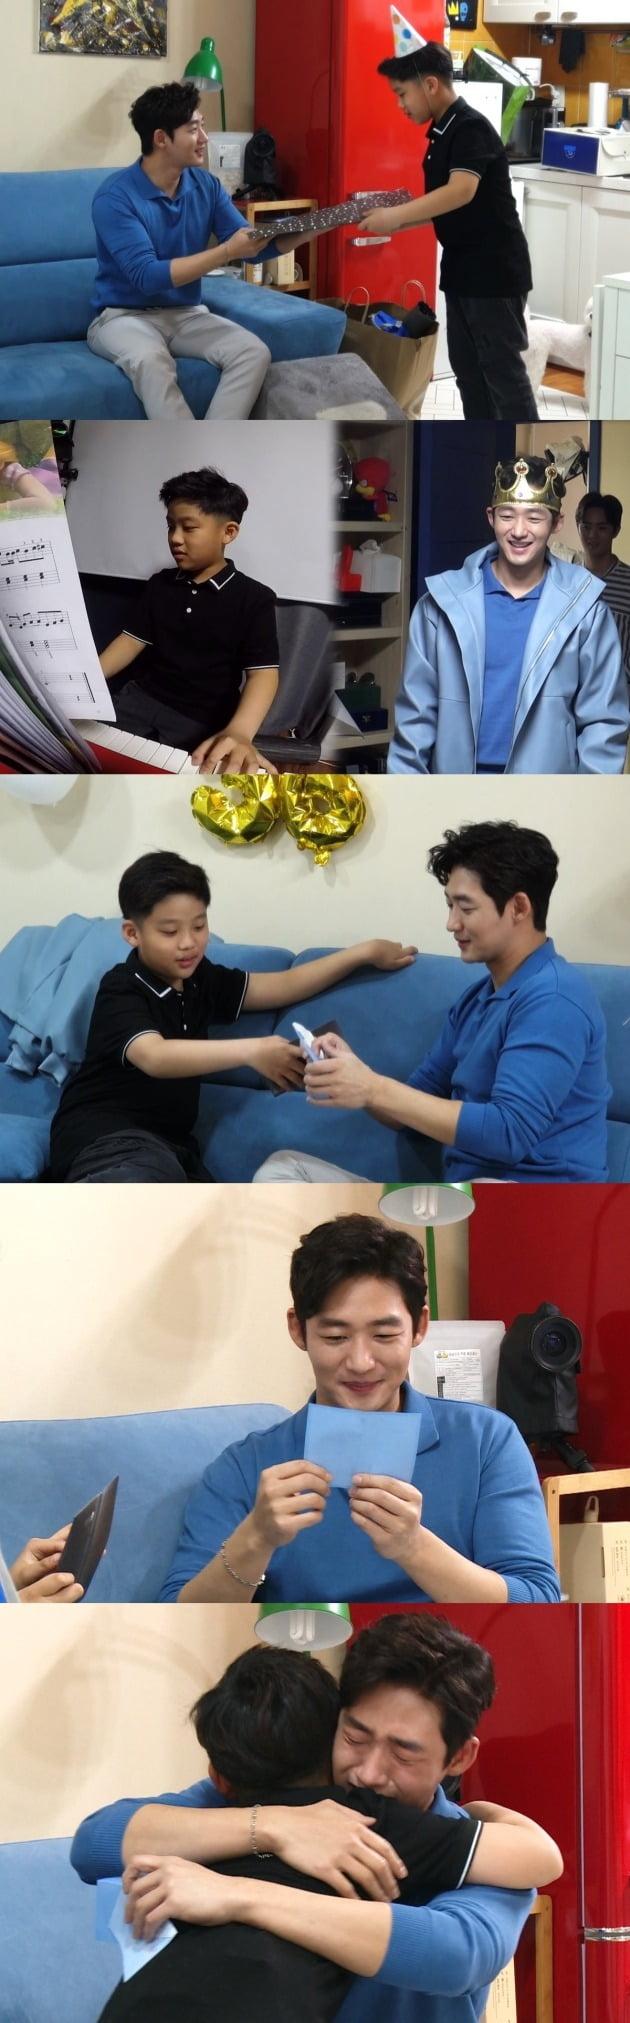 '미운 우리 새끼' 이태성의 아들이 아빠를 위해 깜짝 생일 파티를 준비했다. / 사진제공=SBS